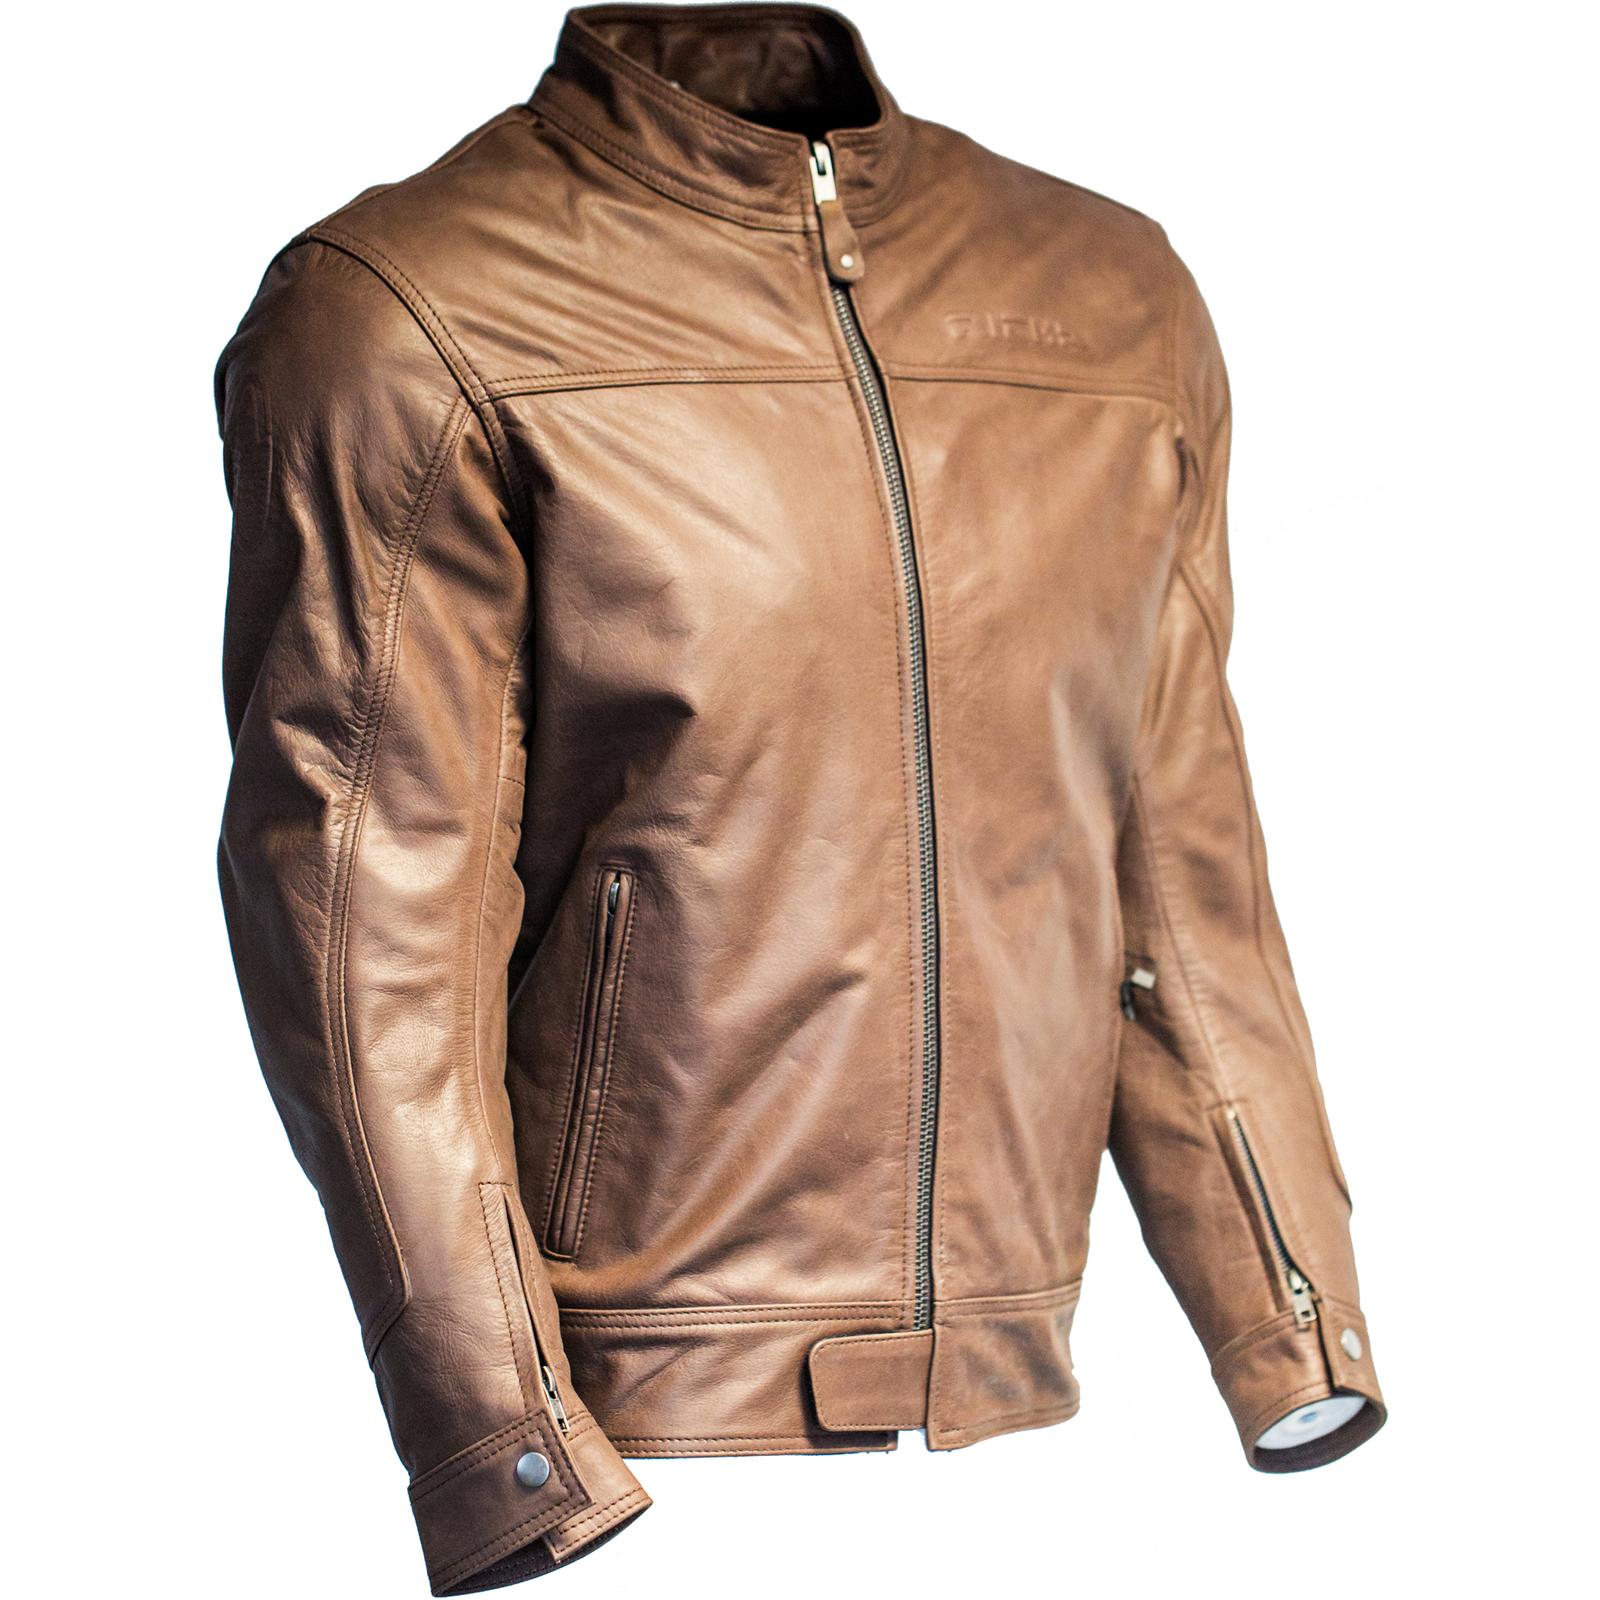 richa cafe leather motorcycle jacket black mens biker café racer